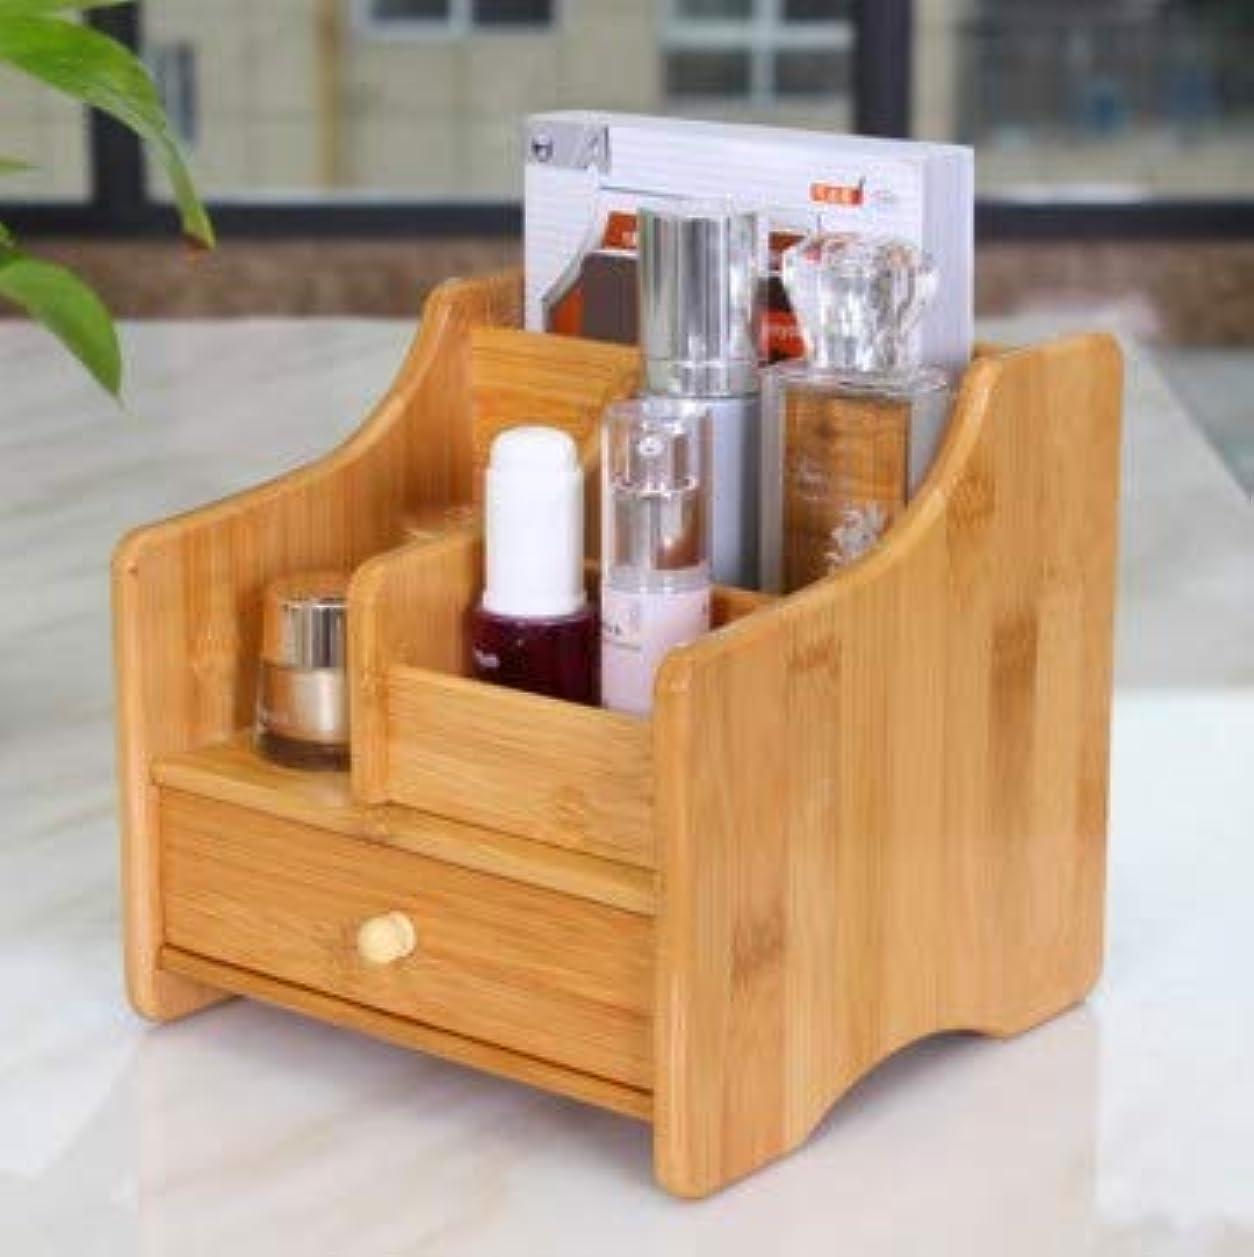 同盟値クレジット竹デスクトップリモコン収納ボックスデスクトップ化粧品文房具竹棚化粧品収納ボックス